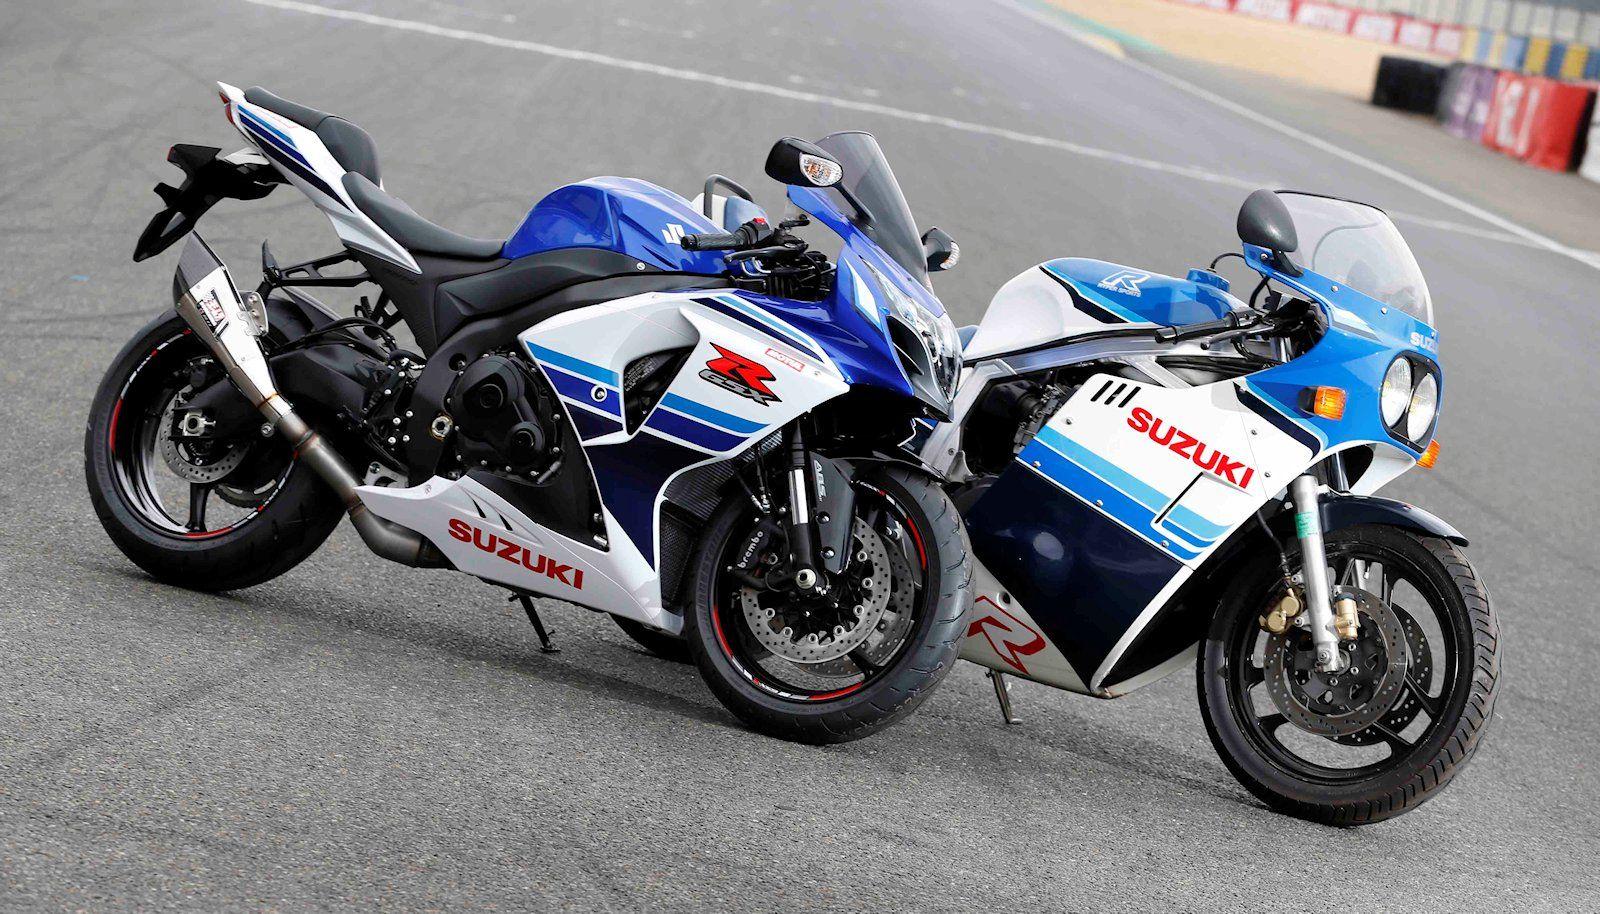 Suzuki GSX-R 1000 30th anniversary and GSX-R 750 | bike | Pinterest ...